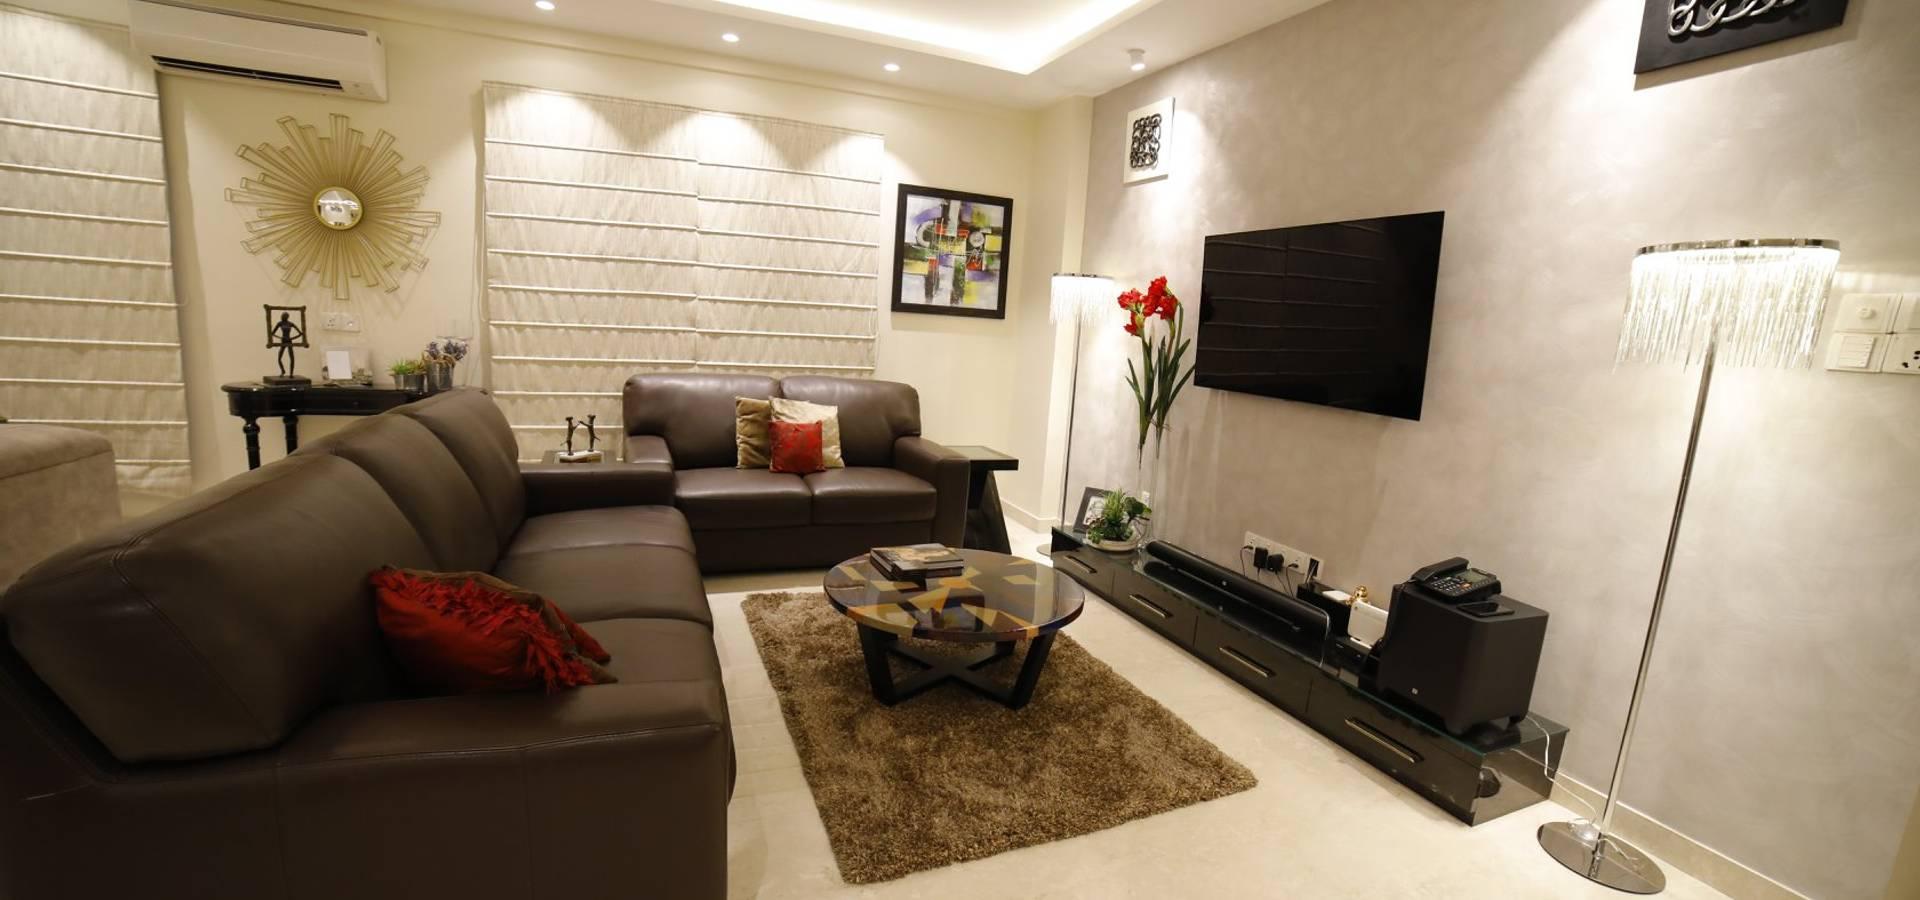 Rashi Agarwal Designs Interior Designers Decorators In Kolkata Homify